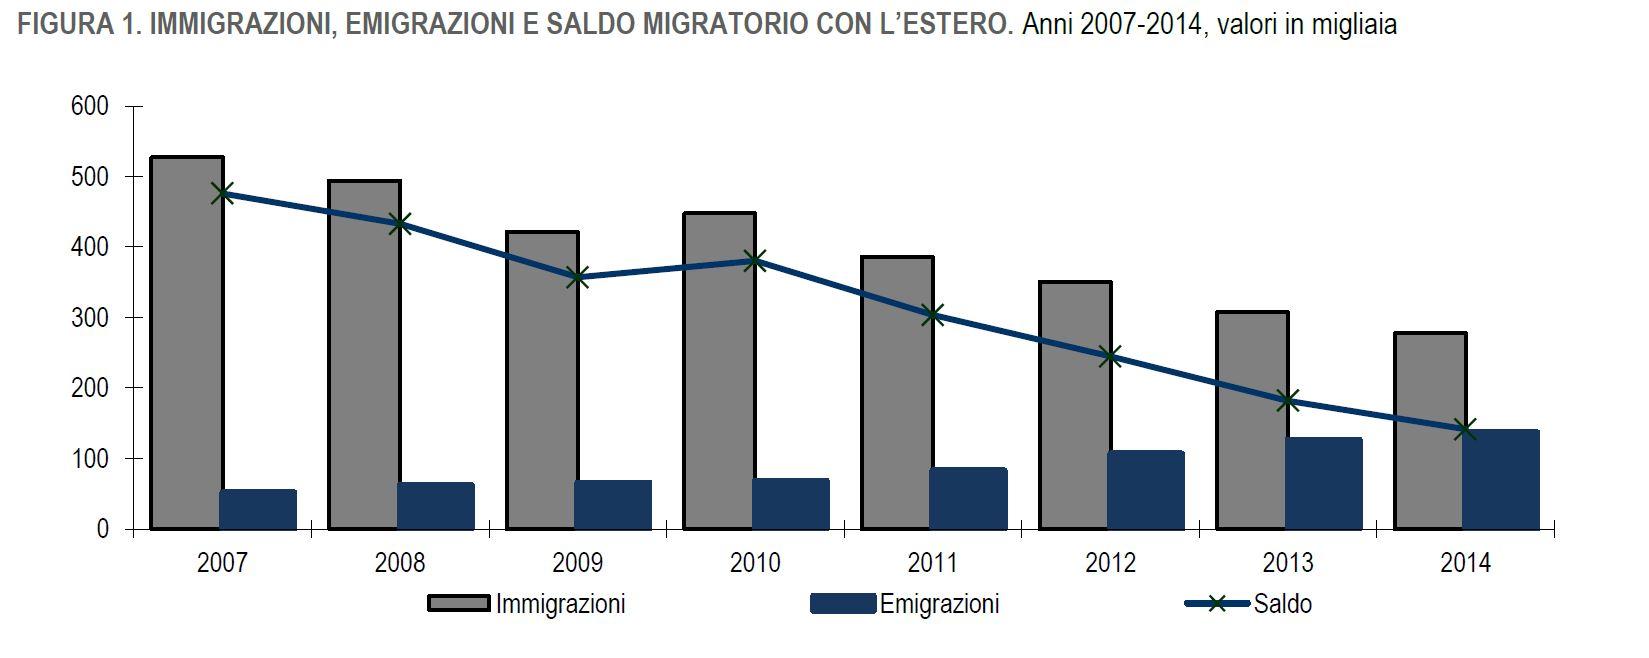 istat calo immigrazioni 2014 - 1